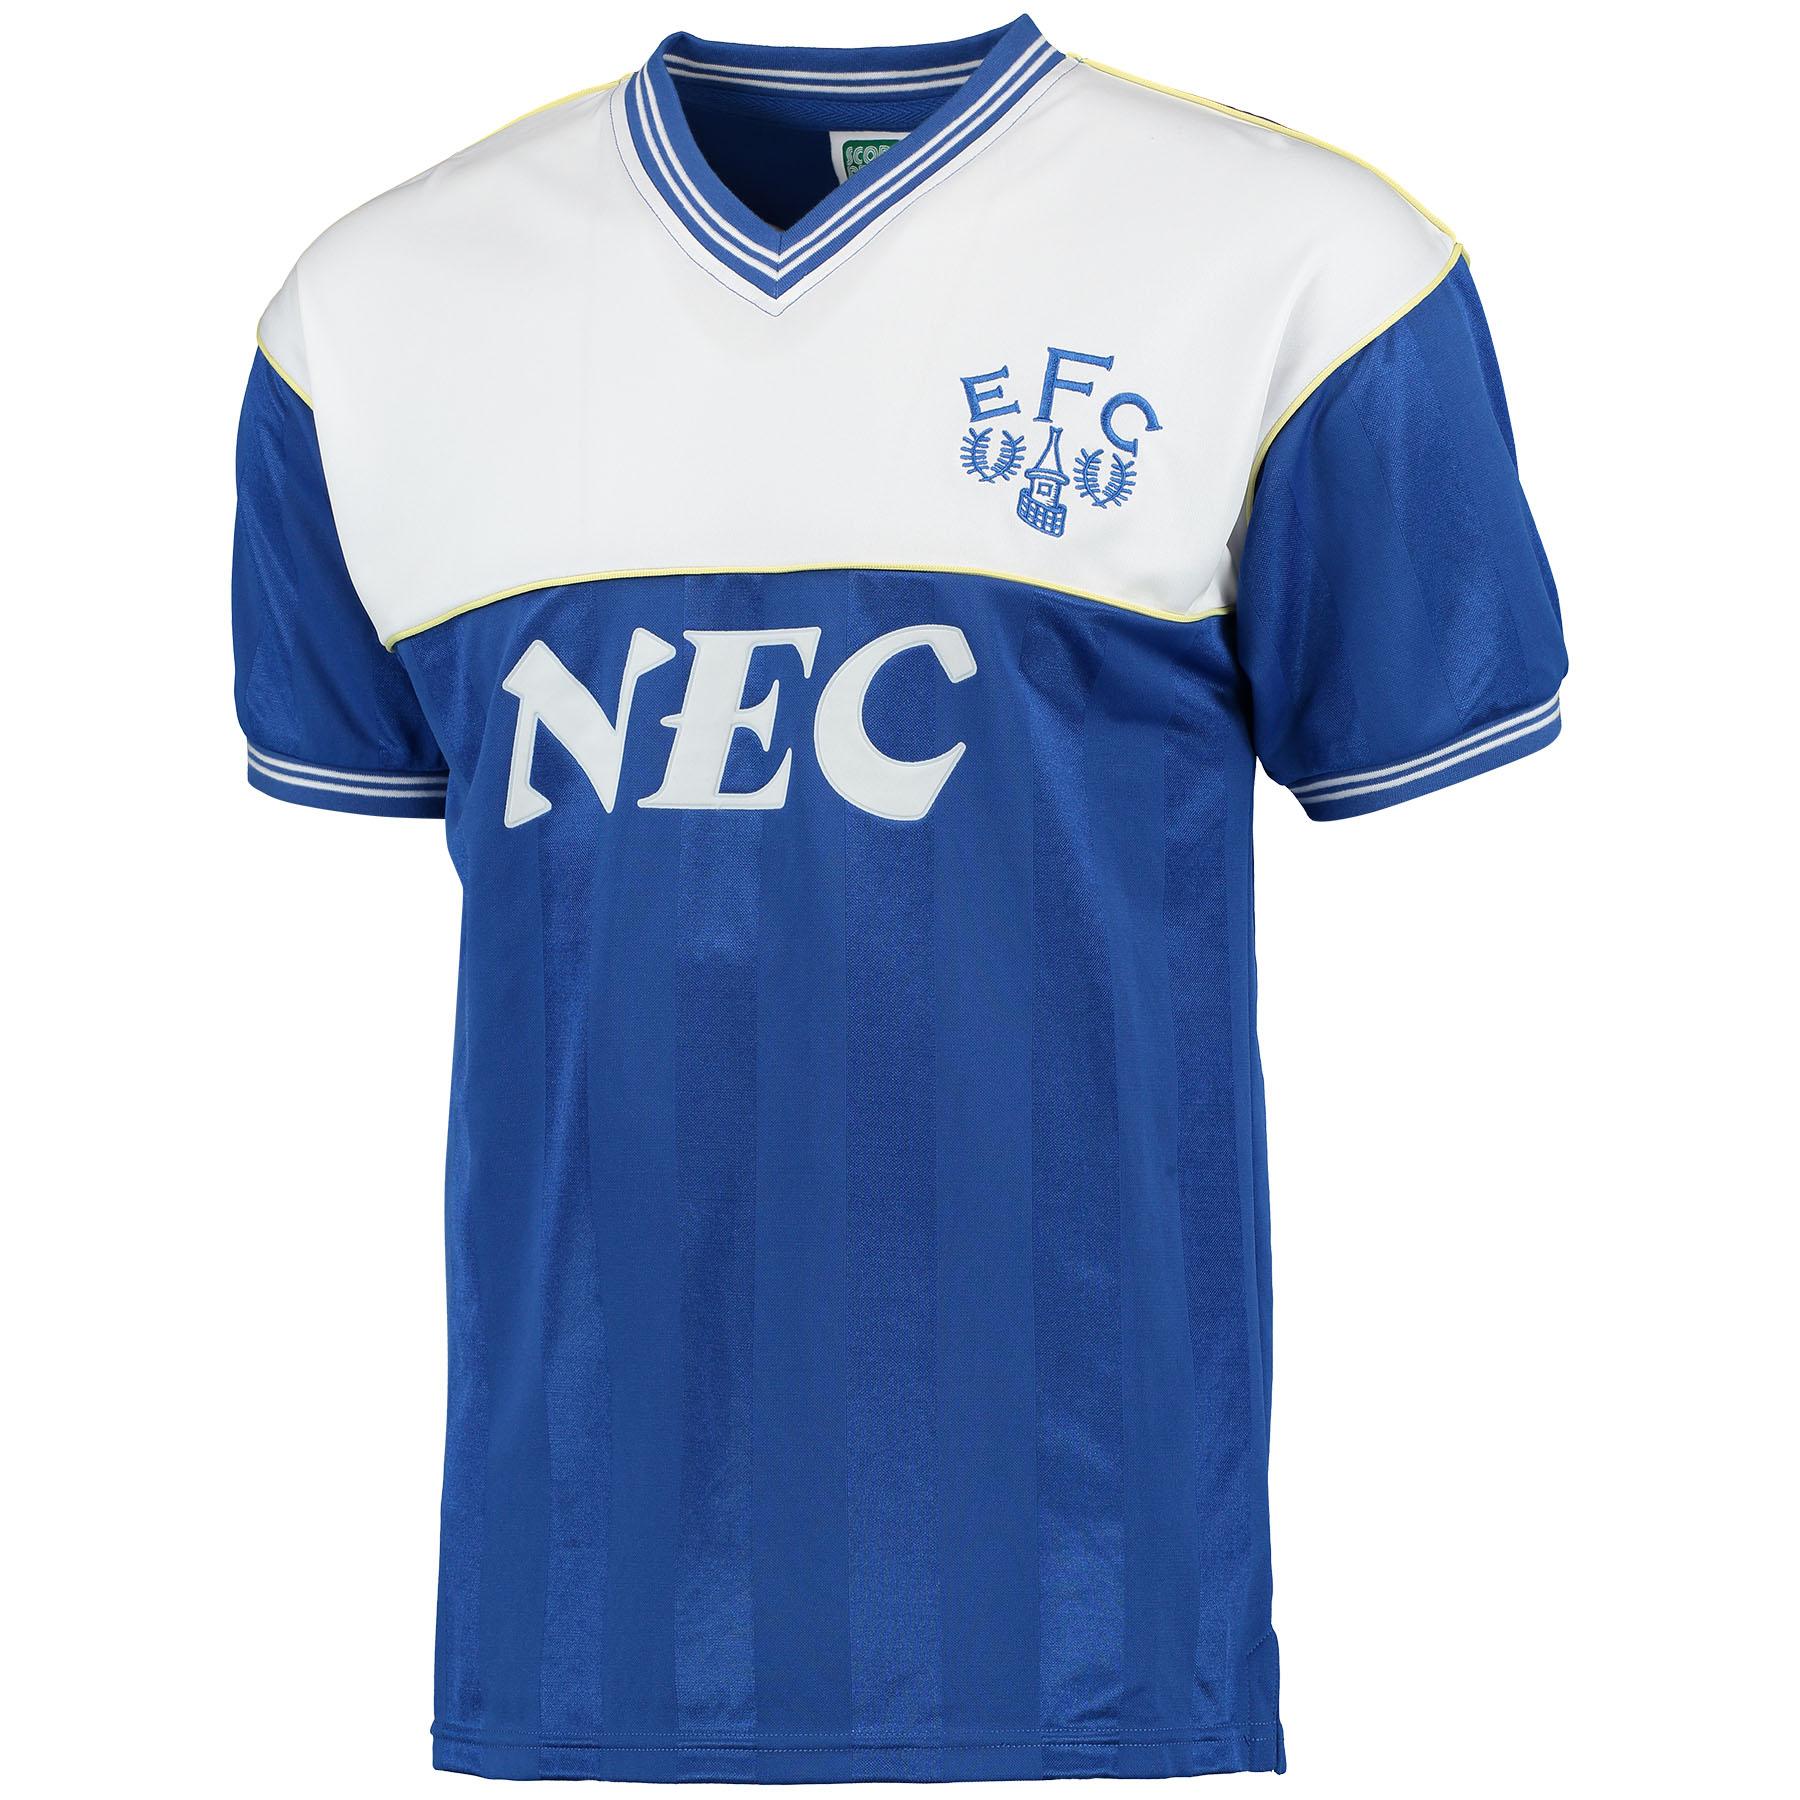 Everton 1986 Shirt